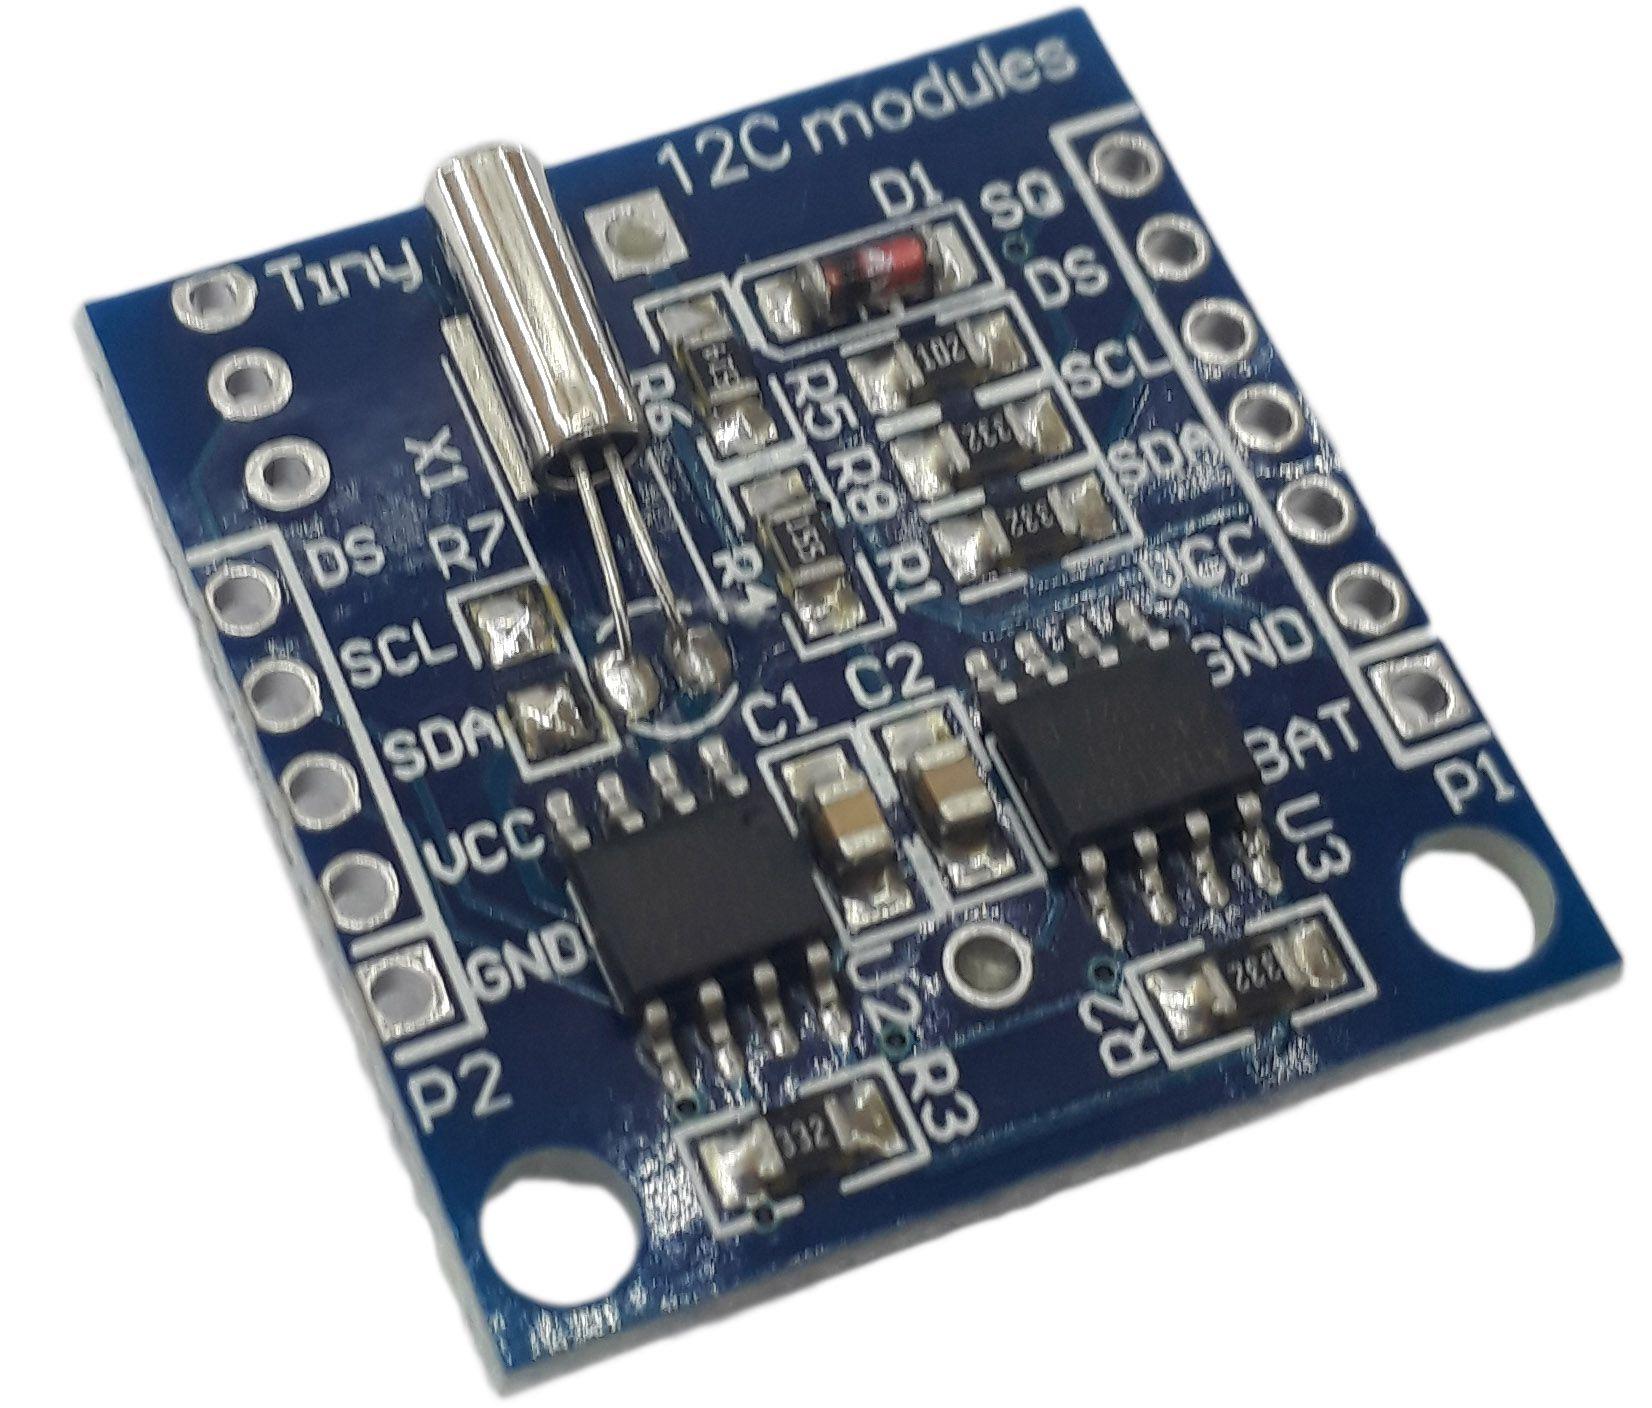 Sensor RTC DS1307 Relógio em Tempo Real (Com bateria)